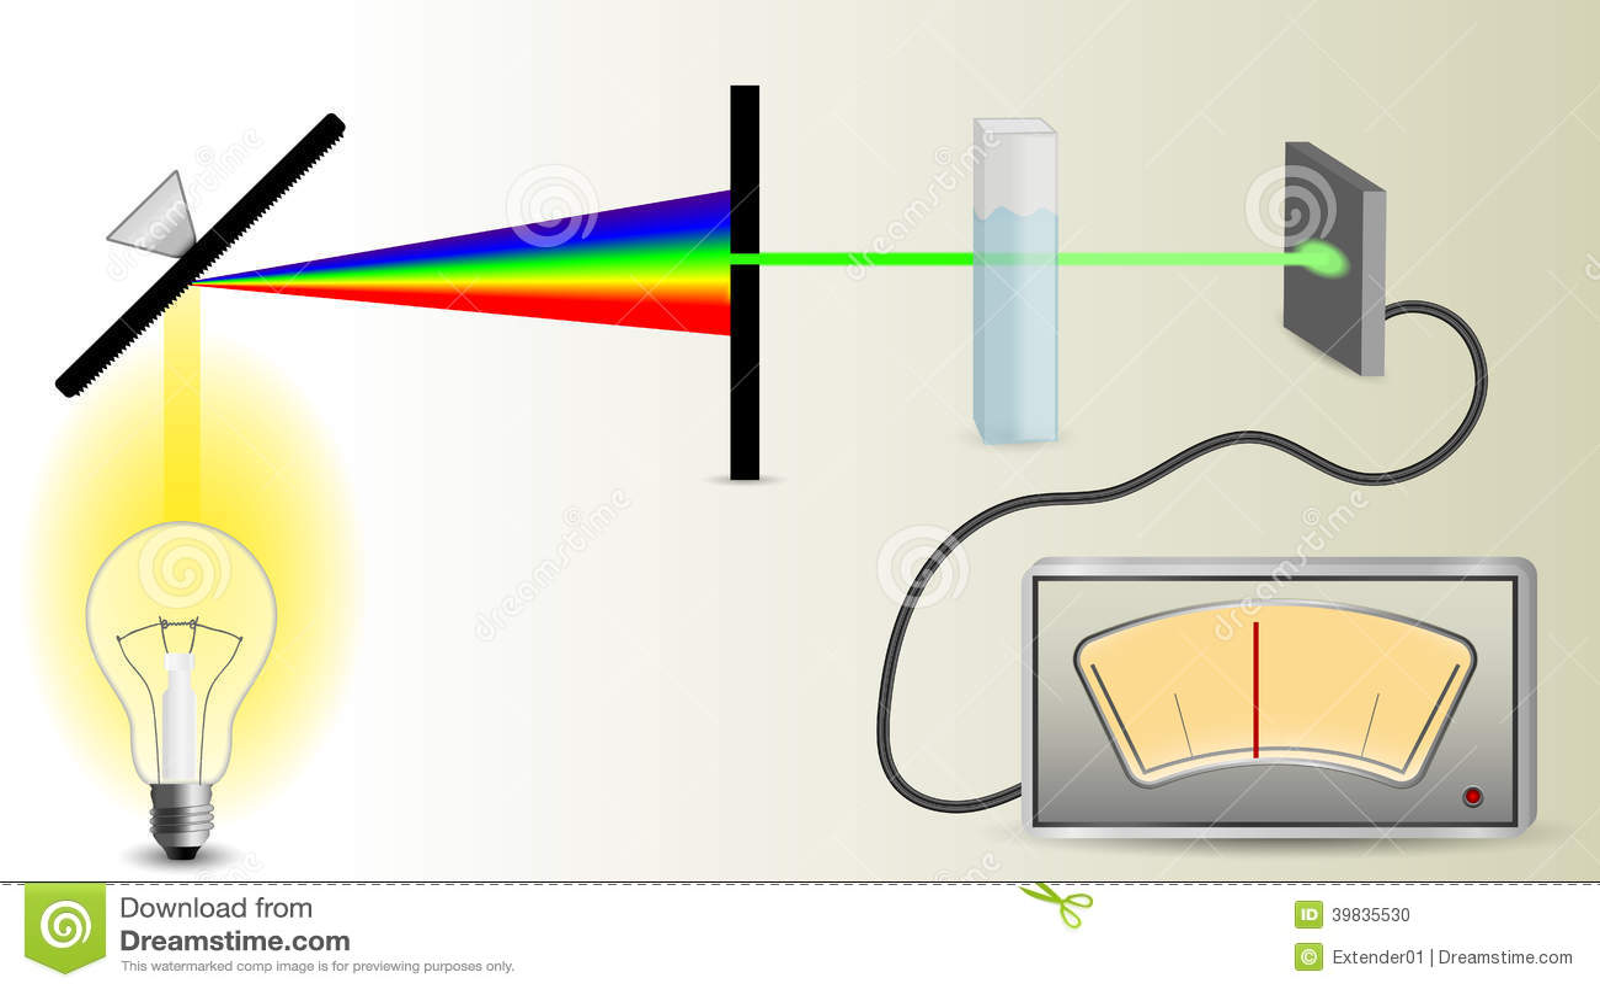 Schema del meccanismo di spettrofotometria